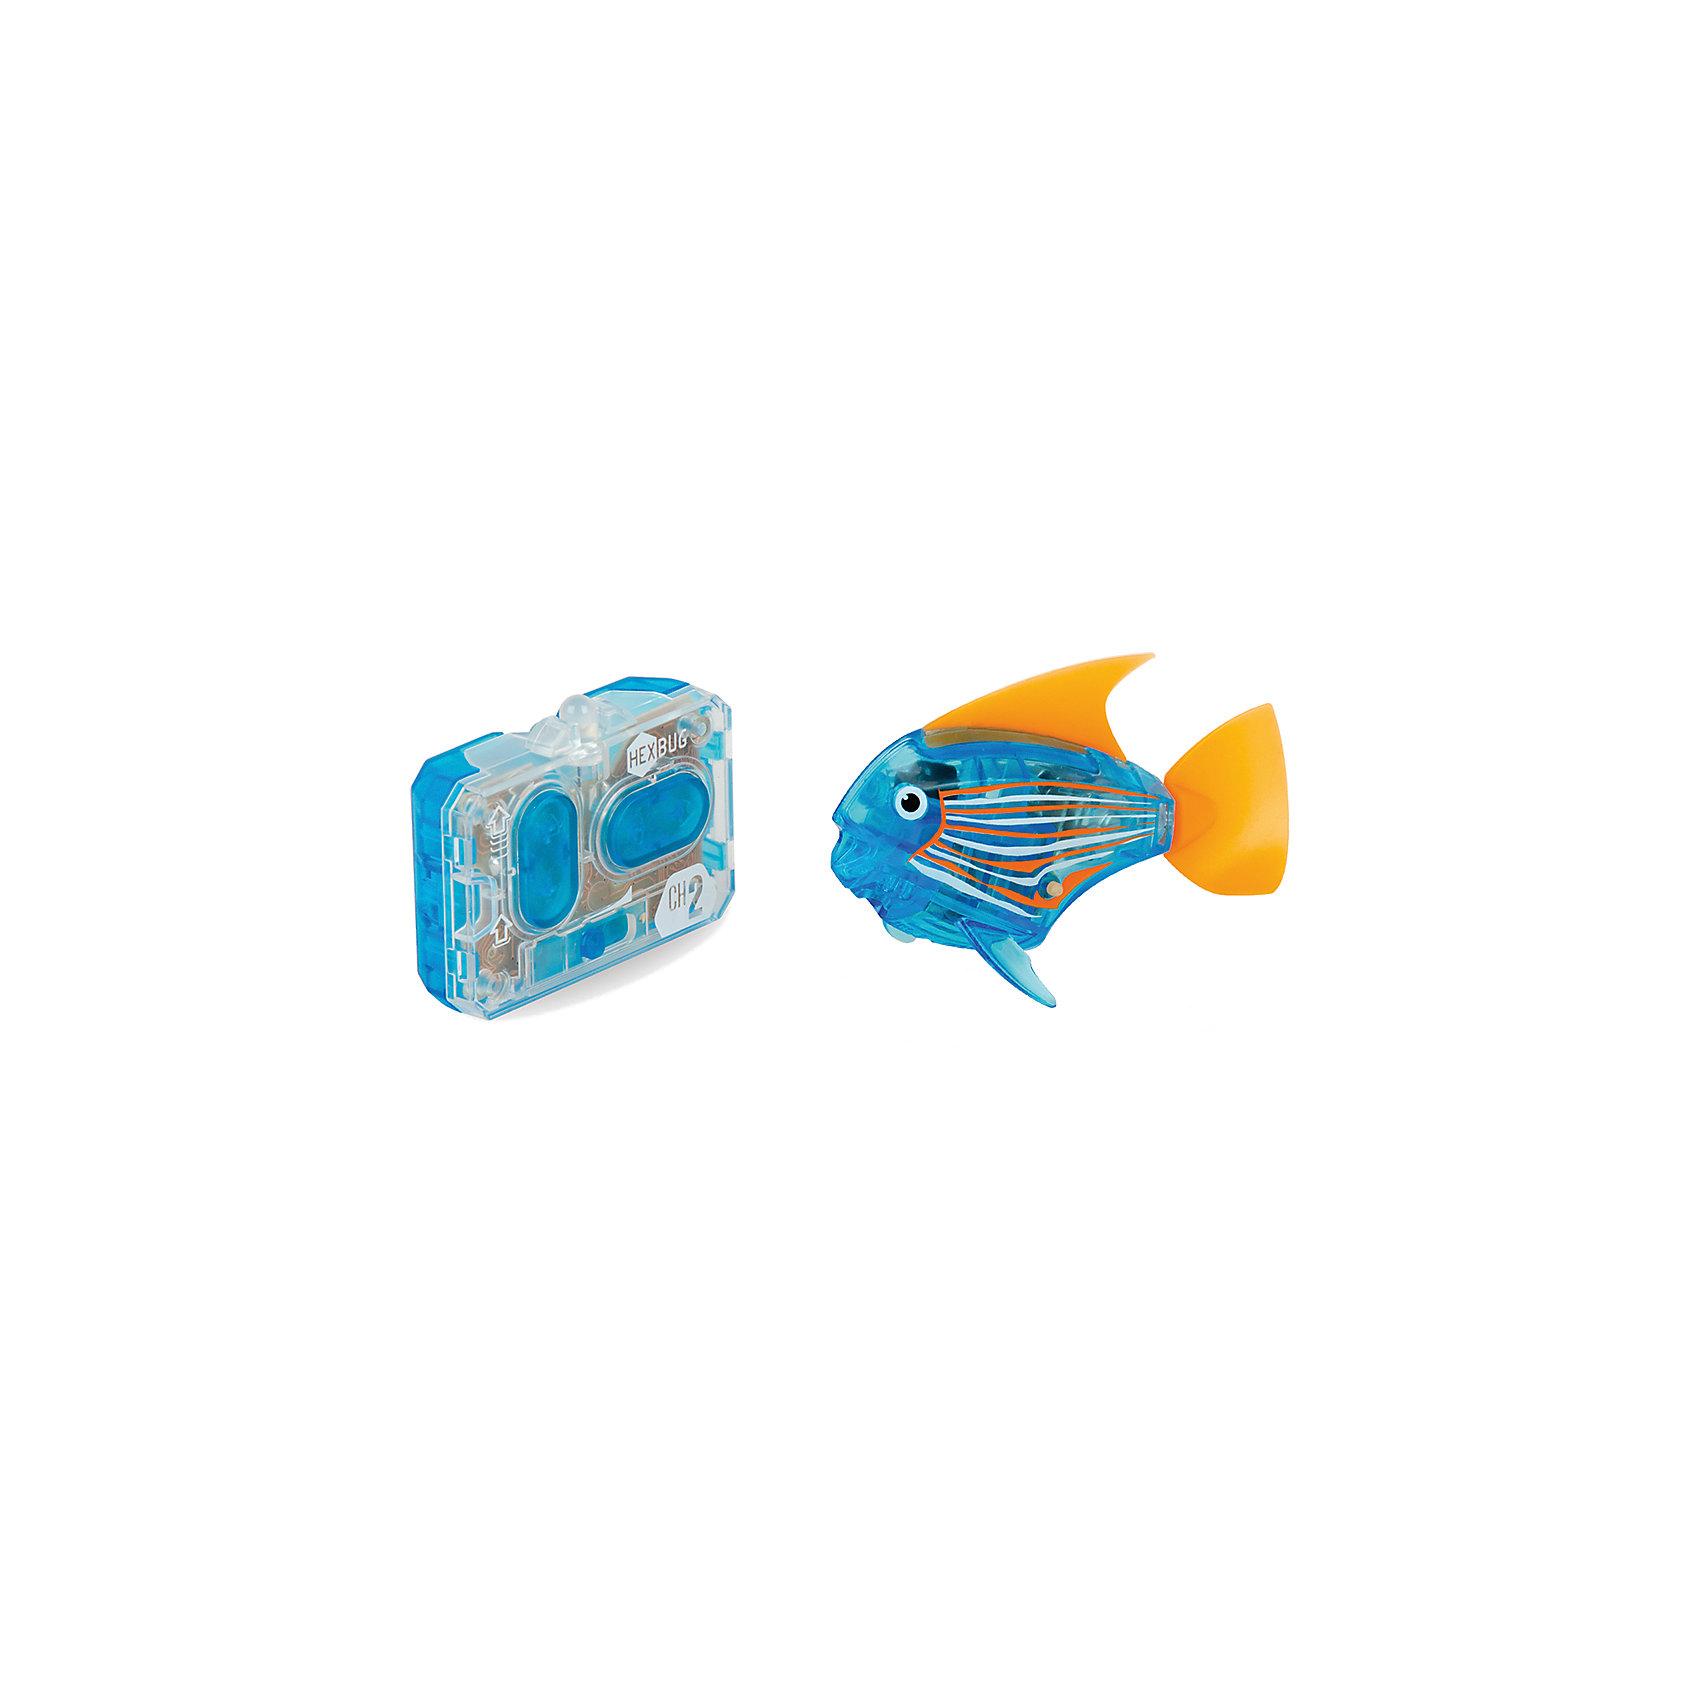 Микро-робот Aqua Bot, синий, HexbugИнтерактивные игрушки для малышей<br>Микро-робот Aqua Bot, синий, Hexbug (Хексбаг)<br><br>Характеристики:<br><br>• плавает в любом направлении<br>• автоматическое отключение вне воды<br>• цвет: синий<br>• размер: 8х4х2 см<br>• батарейки: AG13 - 2 шт. (входят в комплект)<br>• материал: пластик, металл<br>• размер упаковки: 19х6х4 см<br>• вес: 31 грамм<br><br>Aqua Bot - маленькая рыбка-робот, которая поразит вас своими размерами и ловкостью. Этот малыш быстро передвигается в воде в любом направлении. Положите микроробота в воду - и он тут же отправится покорять водное пространство. Если вытащить робота из воды, он автоматически отключается для экономии энергии. Такая замечательная игрушка, несомненно, понравится всем членам семьи!<br><br>Микро-робот Aqua Bot, синий, Hexbug (Хексбаг) можно купить в нашем интернет-магазине.<br><br>Ширина мм: 160<br>Глубина мм: 90<br>Высота мм: 120<br>Вес г: 85<br>Возраст от месяцев: 36<br>Возраст до месяцев: 2147483647<br>Пол: Унисекс<br>Возраст: Детский<br>SKU: 5507179